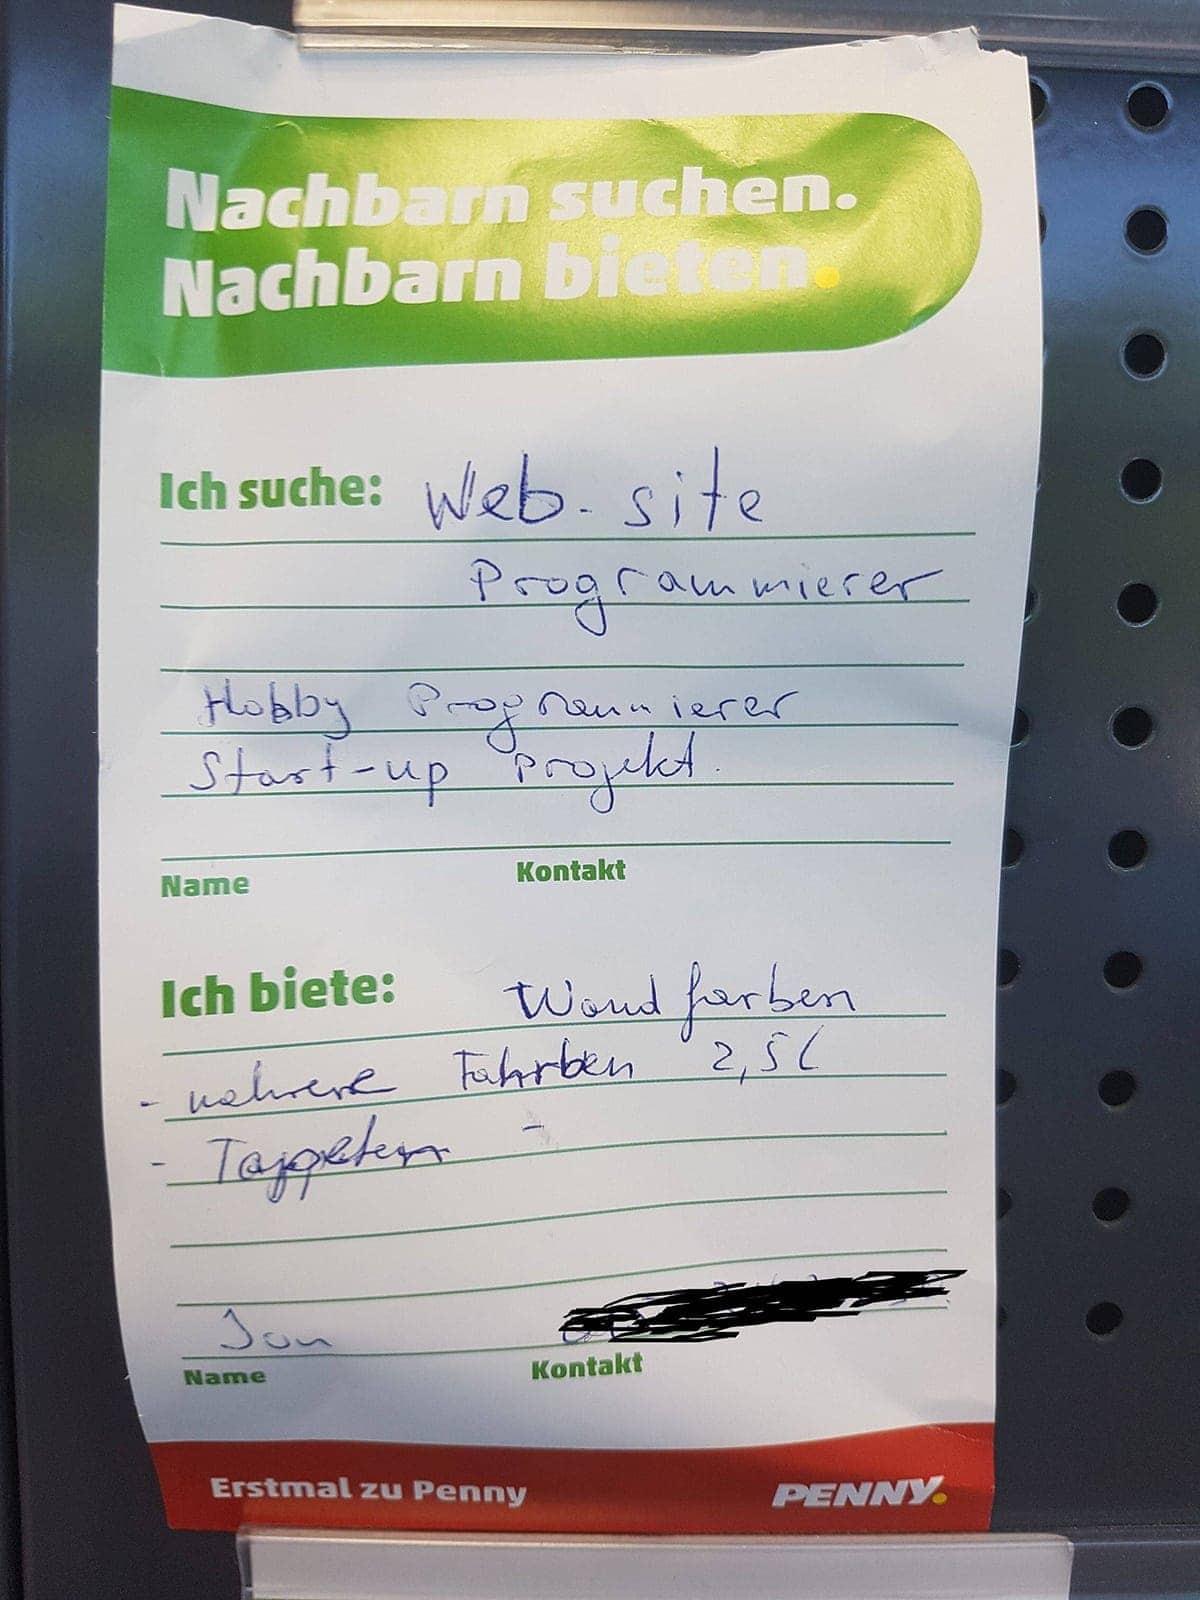 Was man als Web-Programmier heutzutage verdient | Lustiges | Was is hier eigentlich los?